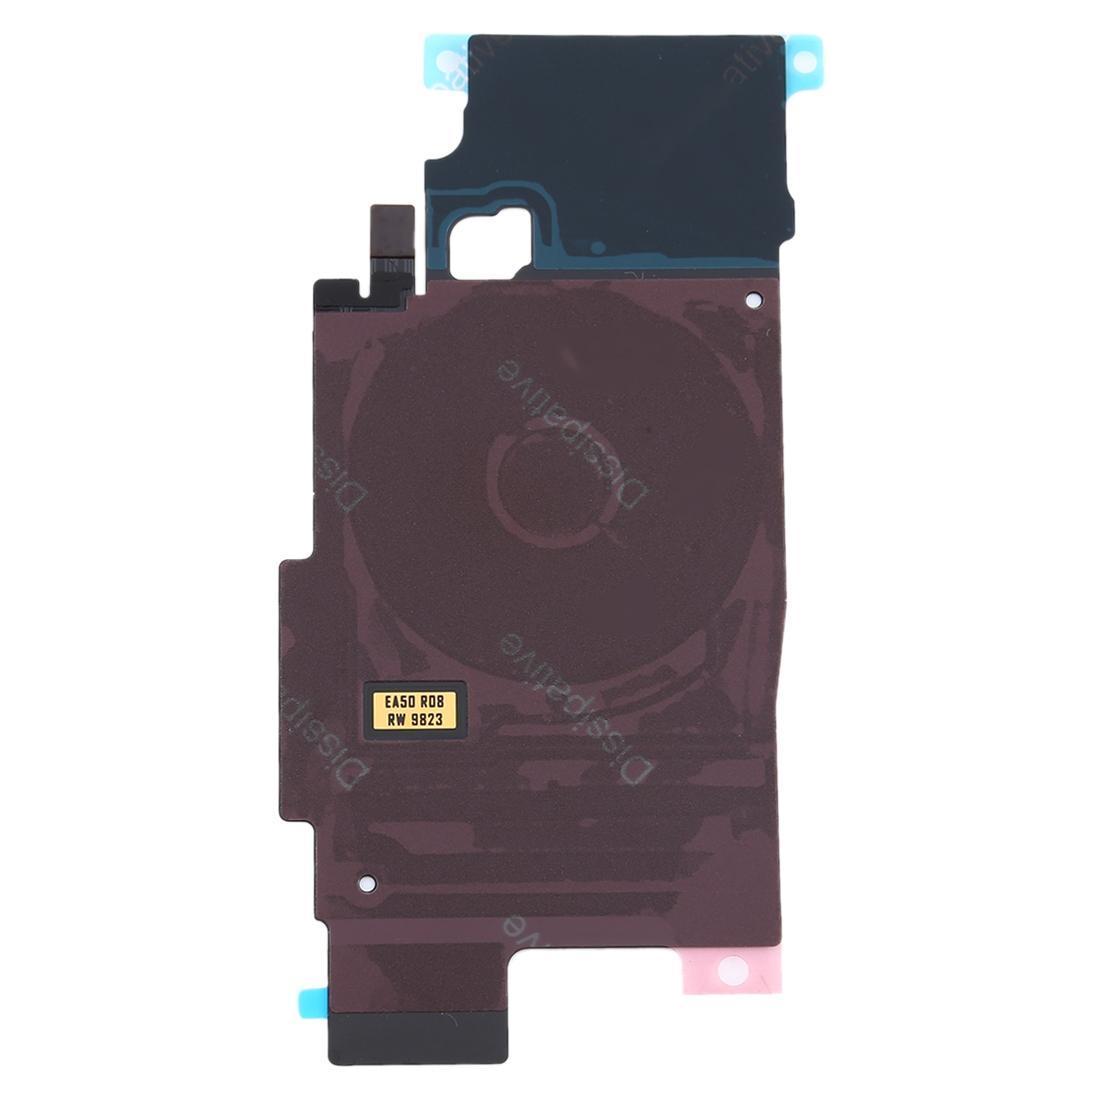 NFC-WLAN-Lademodul für Samsung Galaxy Note10